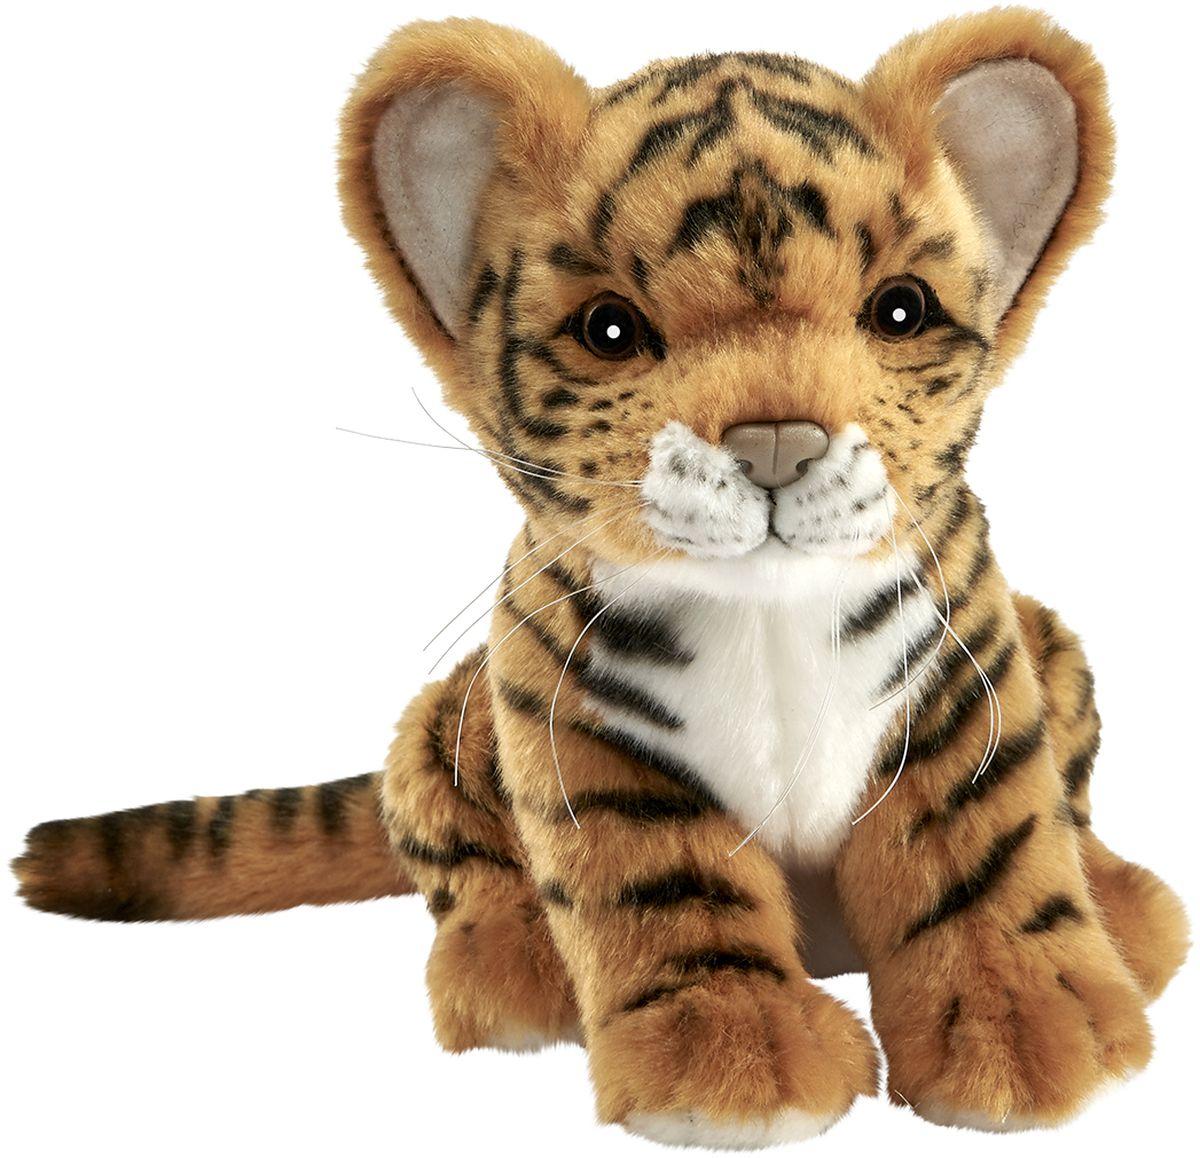 падает картинки маленькие животные игрушки купить